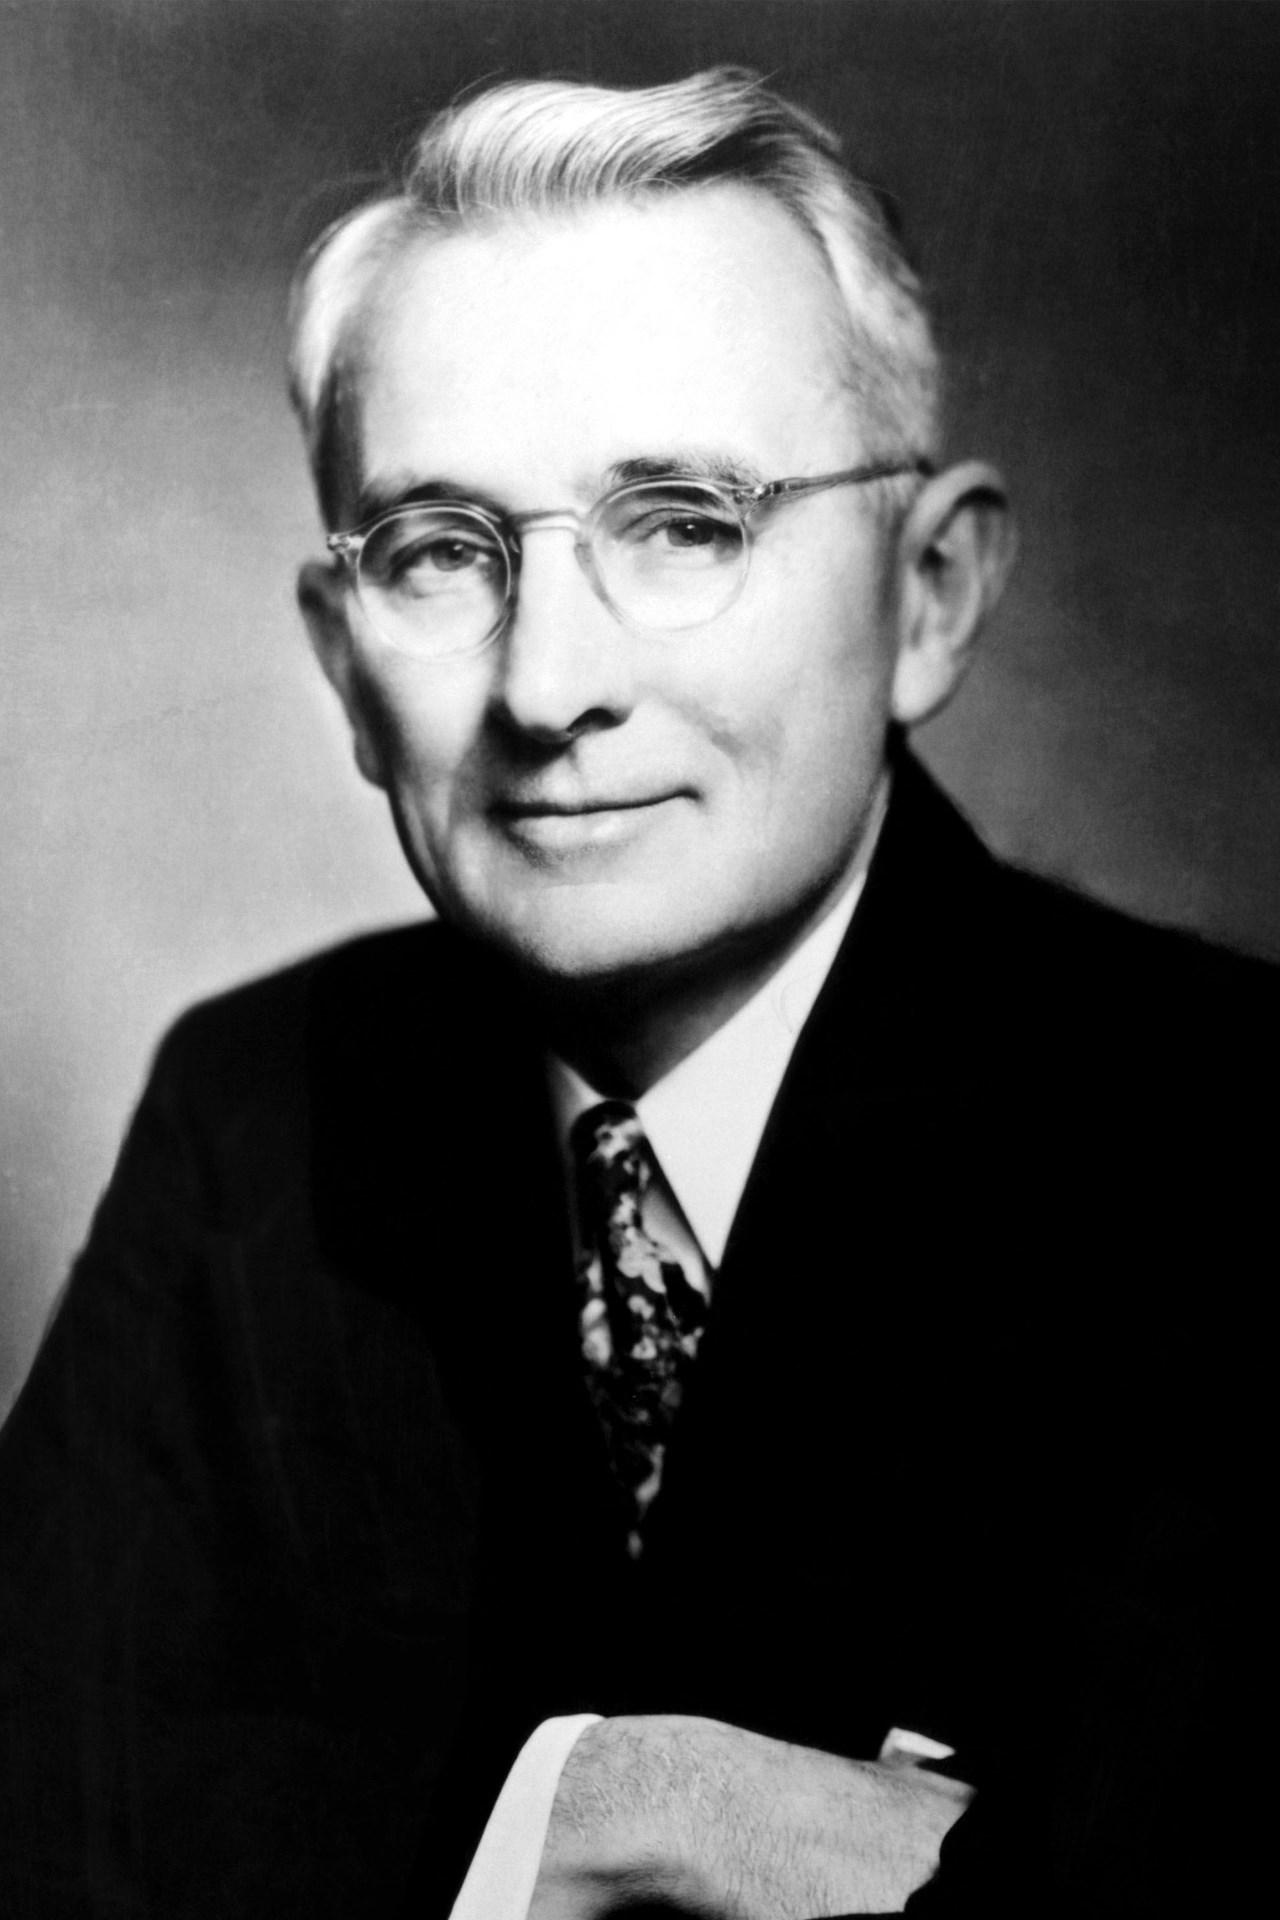 Dale Carnegie (seudónimo de Dale Breckenridge Carnegie, 24 de noviembre de  1888 – 1 de noviembre de 1955) fue un empresario y escritor estadounidense  de